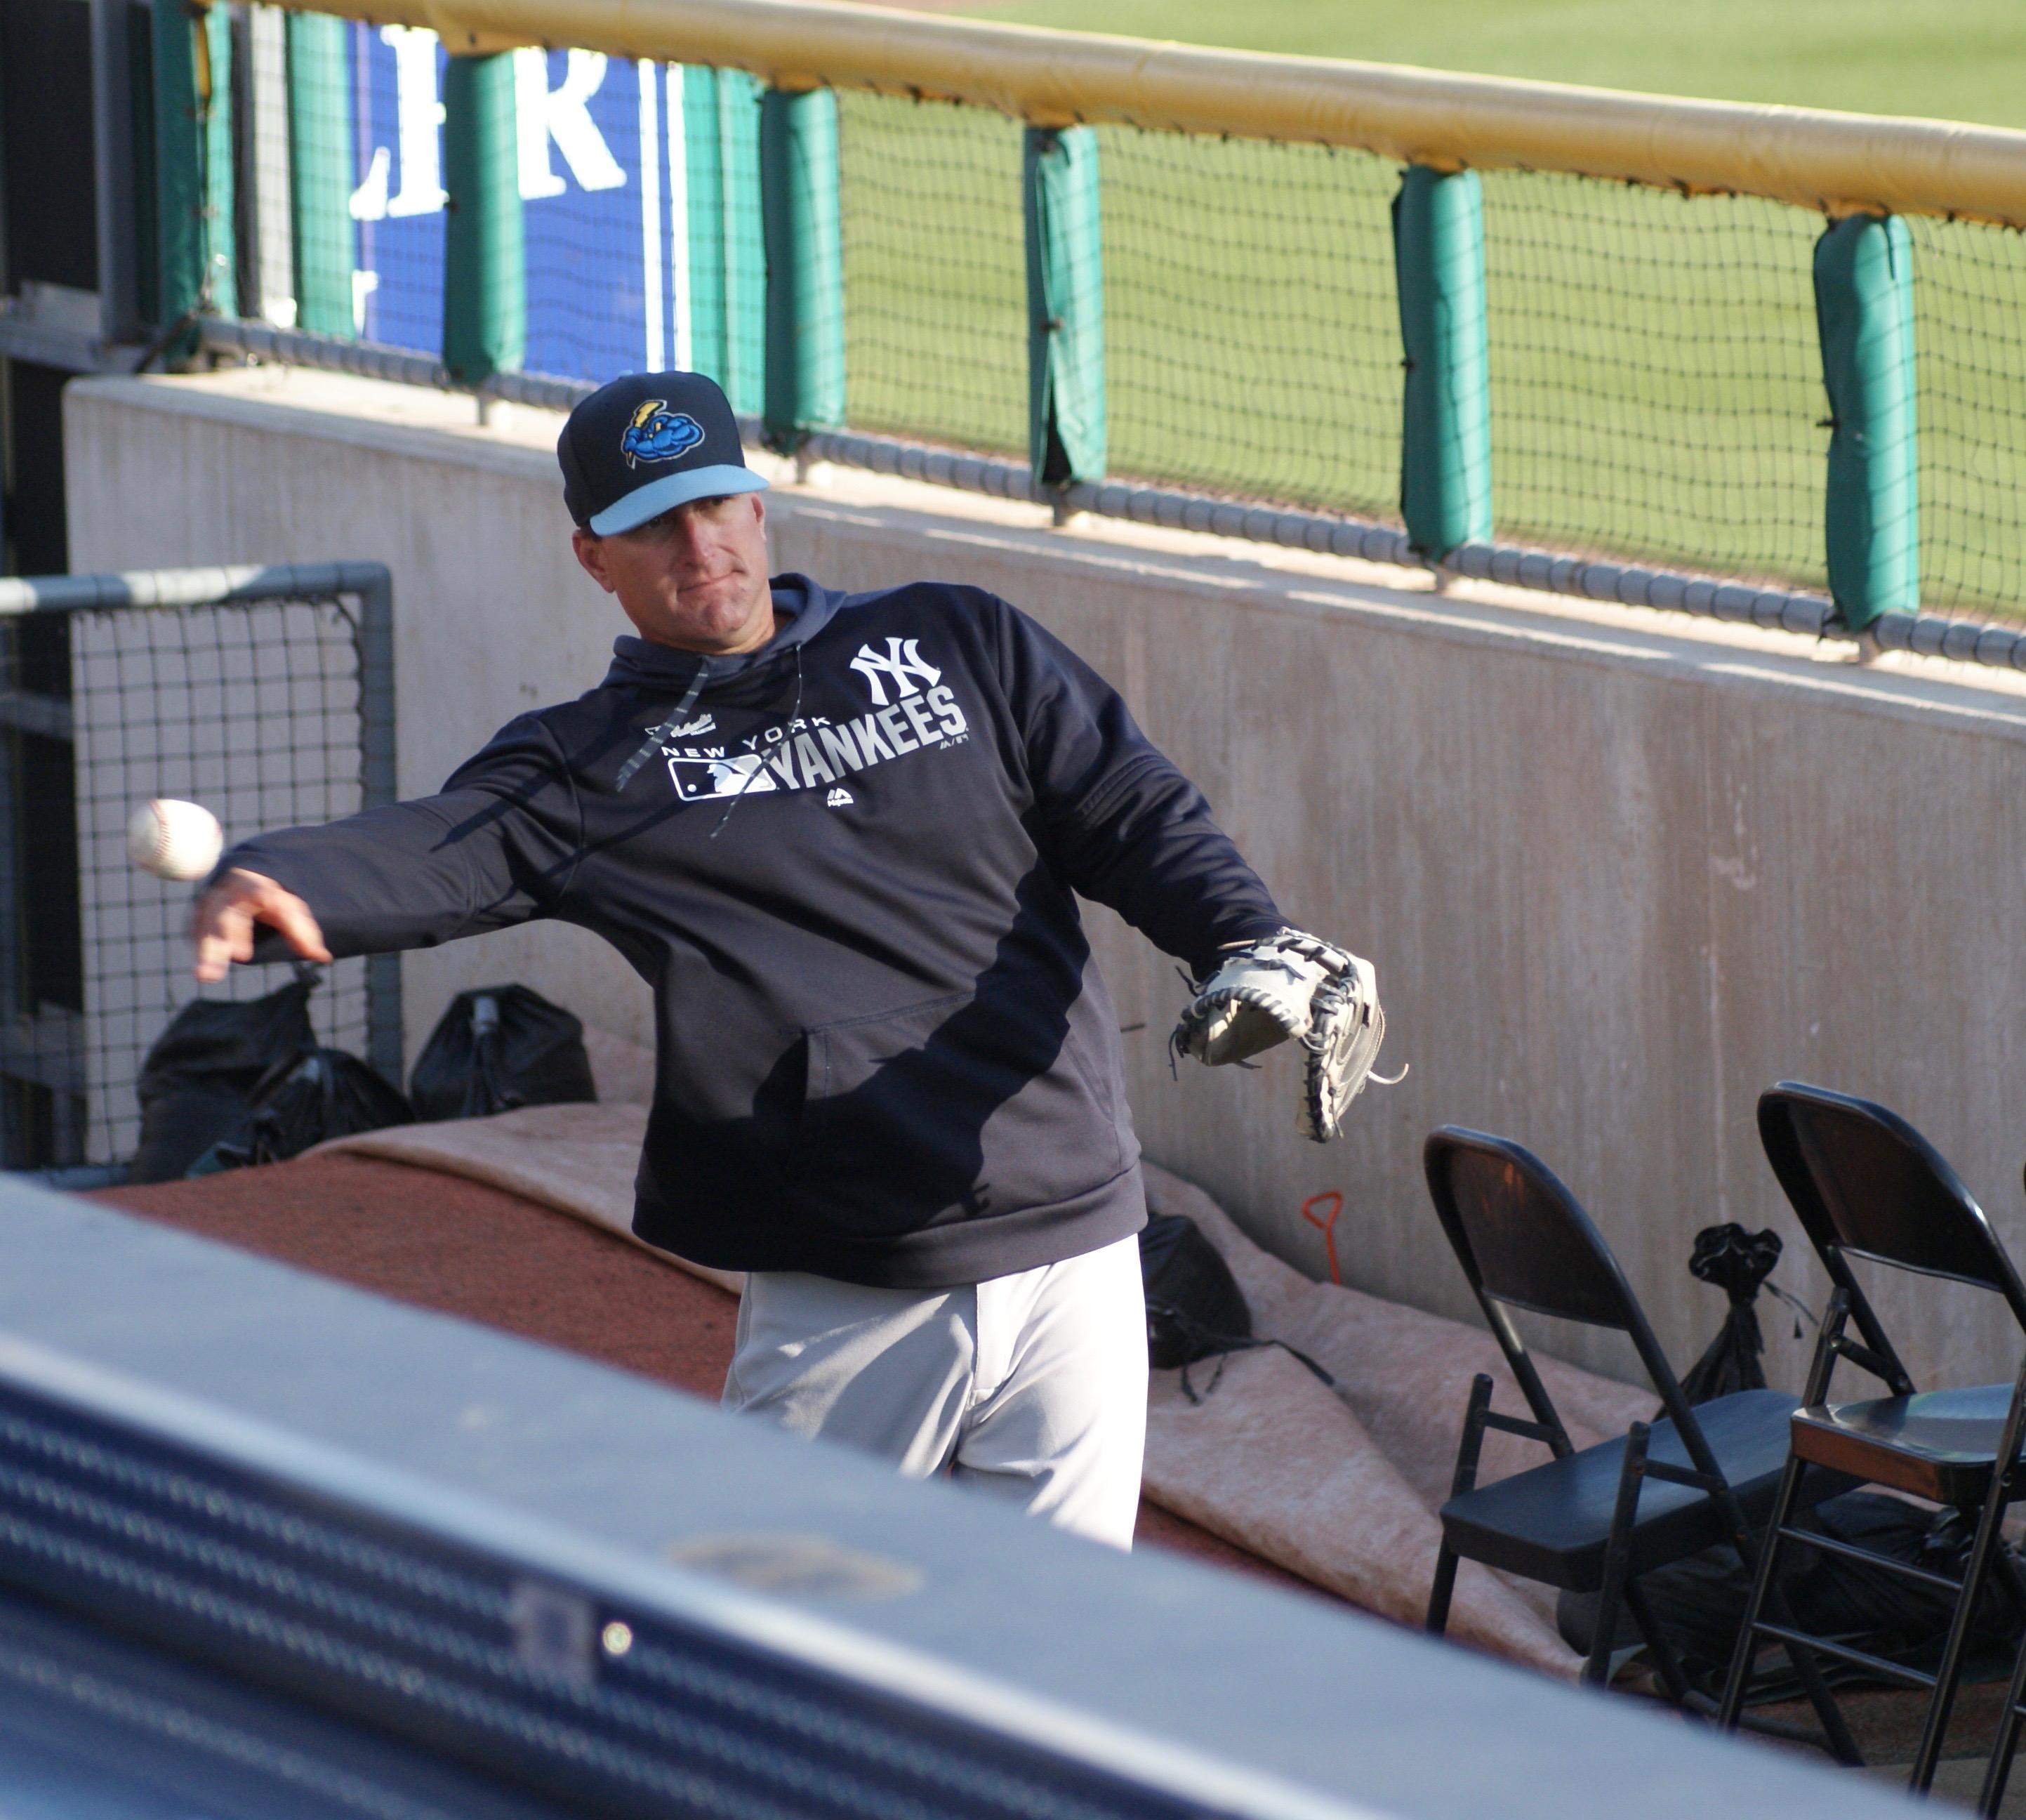 Jason Phillips in the bullpen